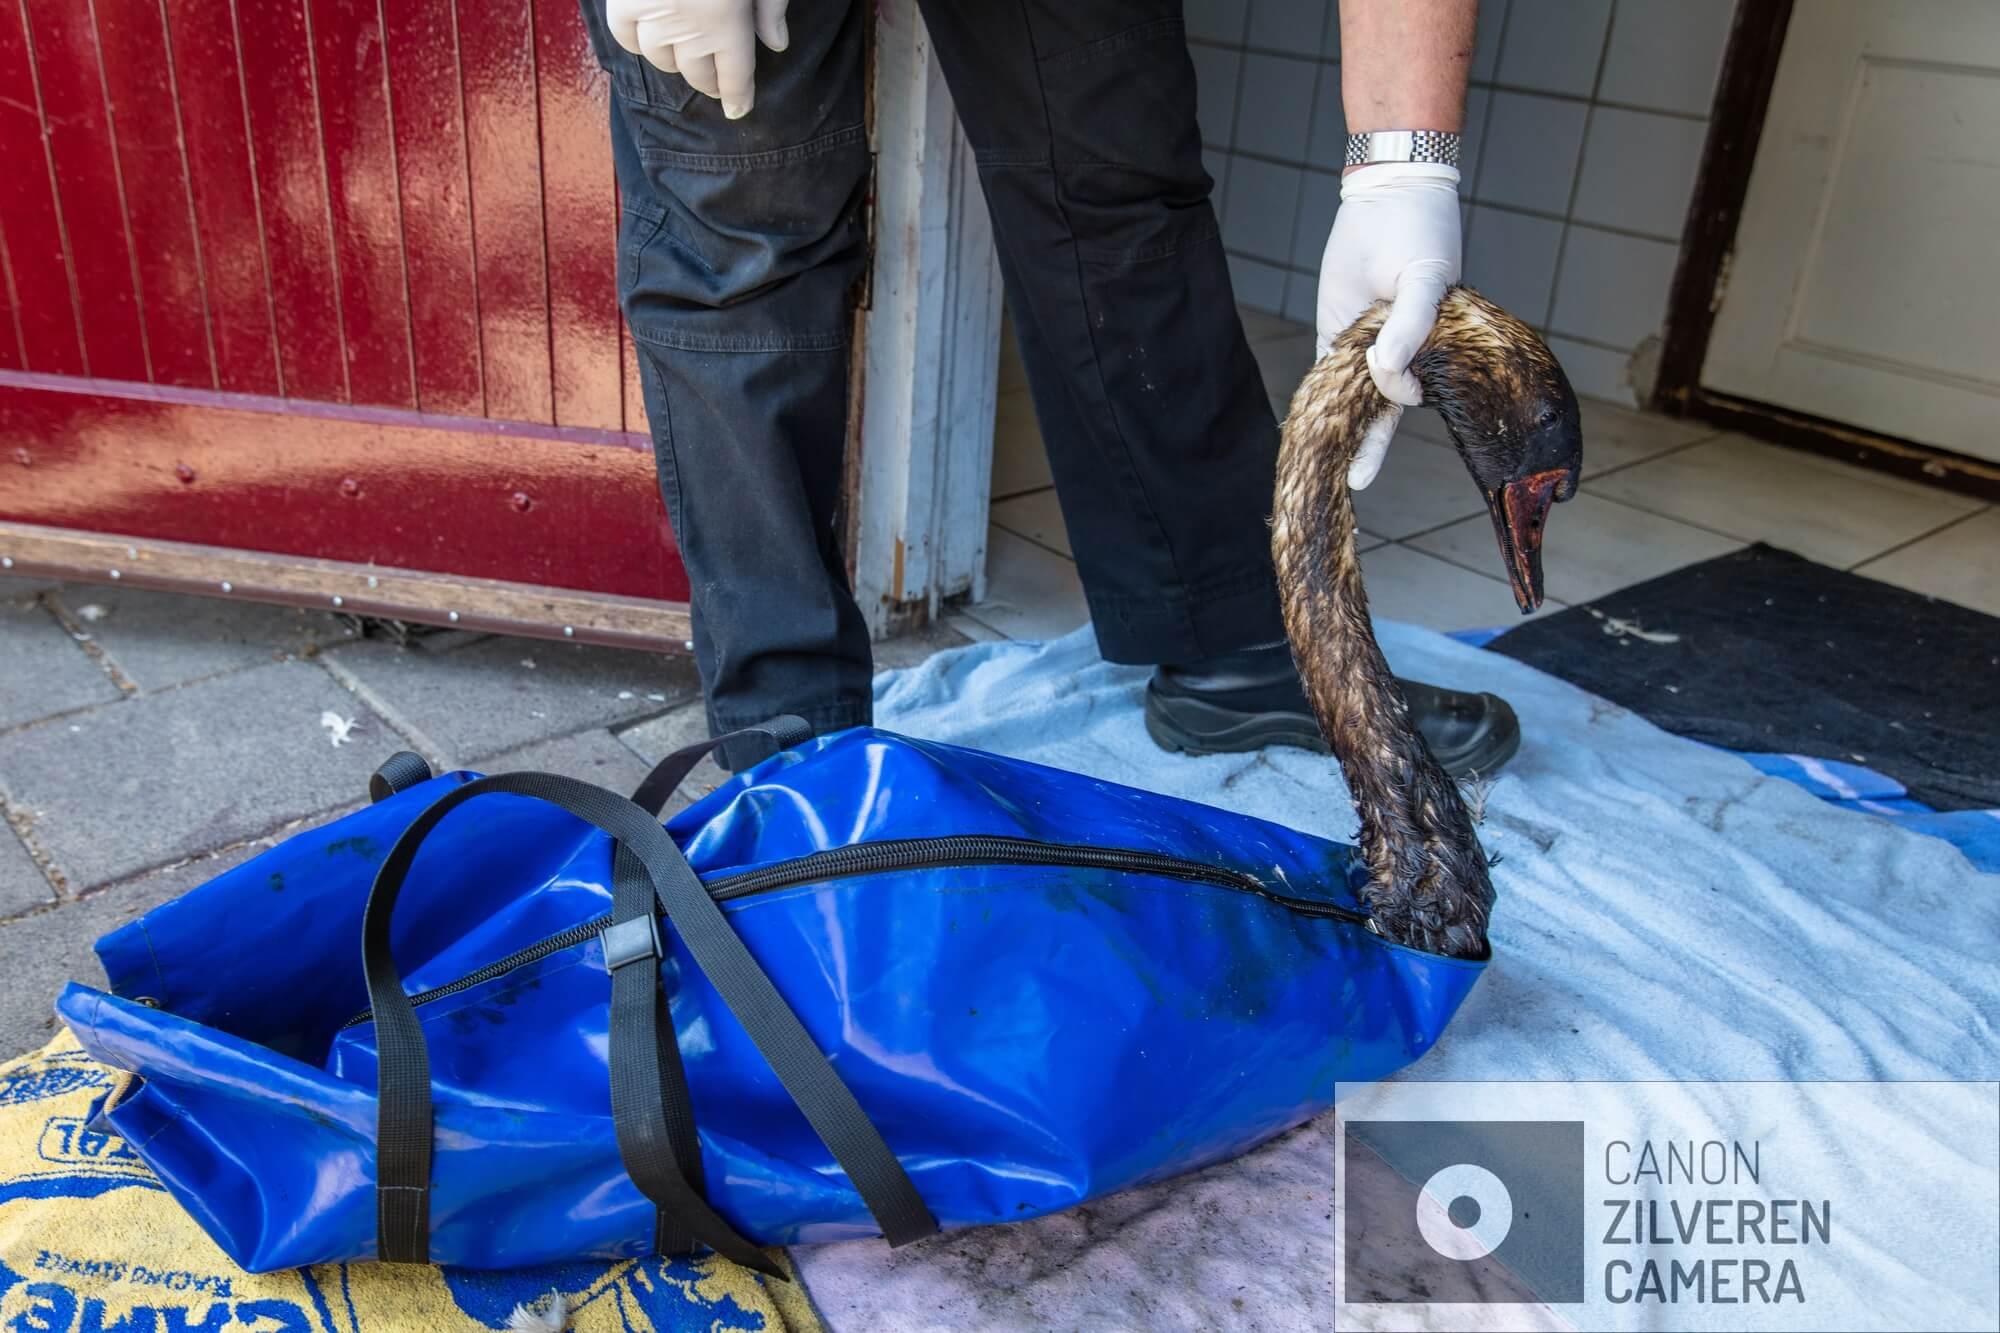 Een met olie besmeurde zwaan wordt binnengebracht in opvangcentrum De Houtsnip. Op 23 juni 2018 is er een enorme olievlek ontstaan in de Rotterdamse haven nadat een tanker tegen een steiger was gebotst. Meer dan 200 ton olie kwam in het water terecht, met ernstige gevolgen voor de watervogels in het gebied waaronder de zwanen. Deze fotoserie is gemaakt bij een vogelopvangcentrum in Hoek van Holland (de Houtsnip), waar met man en macht is gewerkt om de besmeurde zwanen te reinigen en goed op te vangen. De naam van de serie ziet op de aanpak van Vogelopvang de Houtsnip, die bewust afweek van het protocol voor wassen van met olie verontreinigde vogels. Dit protocol schrijft voor dat je na het vangen twee of drie dagen moet wachten met de reiniging om de vogels eerst weer op krachten te laten komen en te laten 'ontstressen'. De Houtsnip gelooft echter dat dit bij zwanen onverantwoord is, omdat deze vogels zich continu blijven poetsen en daardoor de verontreinigde olie ook binnen krijgen. Bovendien vindt de Houtsnip dat door direct met wassen te beginnen de vogels maar 1x stress hebben en niet na twee dagen rust opnieuw in een voor hen bedreigende situatie worden gebracht. Daarnaast leken de vele vrijwilligers het zelf ook prettig te vinden om snel aan de slag te kunnen om de vogels te helpen, in plaats van lijdzaam af te wachten totdat de wachttijd voorbij is: er wordt met veel passie en inzet gewerkt. Het op de juiste wijze reinigen lijkt overigens ook een hele kunst. Het moet volgens het protocol met Dreft, dat er in grote hoeveelheden doorheen gaat. Het heel goed uitspoelen is wezenlijk, omdat anders het verenkleed wordt aangetast en de zwaan zelfs zijn drijfvermogen kan verliezen. Niet lullen maar poetsenOp 23 juni 2018 is er een enorme olievlek ontstaan in de Rotterdamse haven nadat een tanker tegen een steiger was gebotst. Meer dan 200 ton olie kwam in het water terecht, met ernstige gevolgen voor de watervogels in het gebied waaronder de zwanen. Deze fo